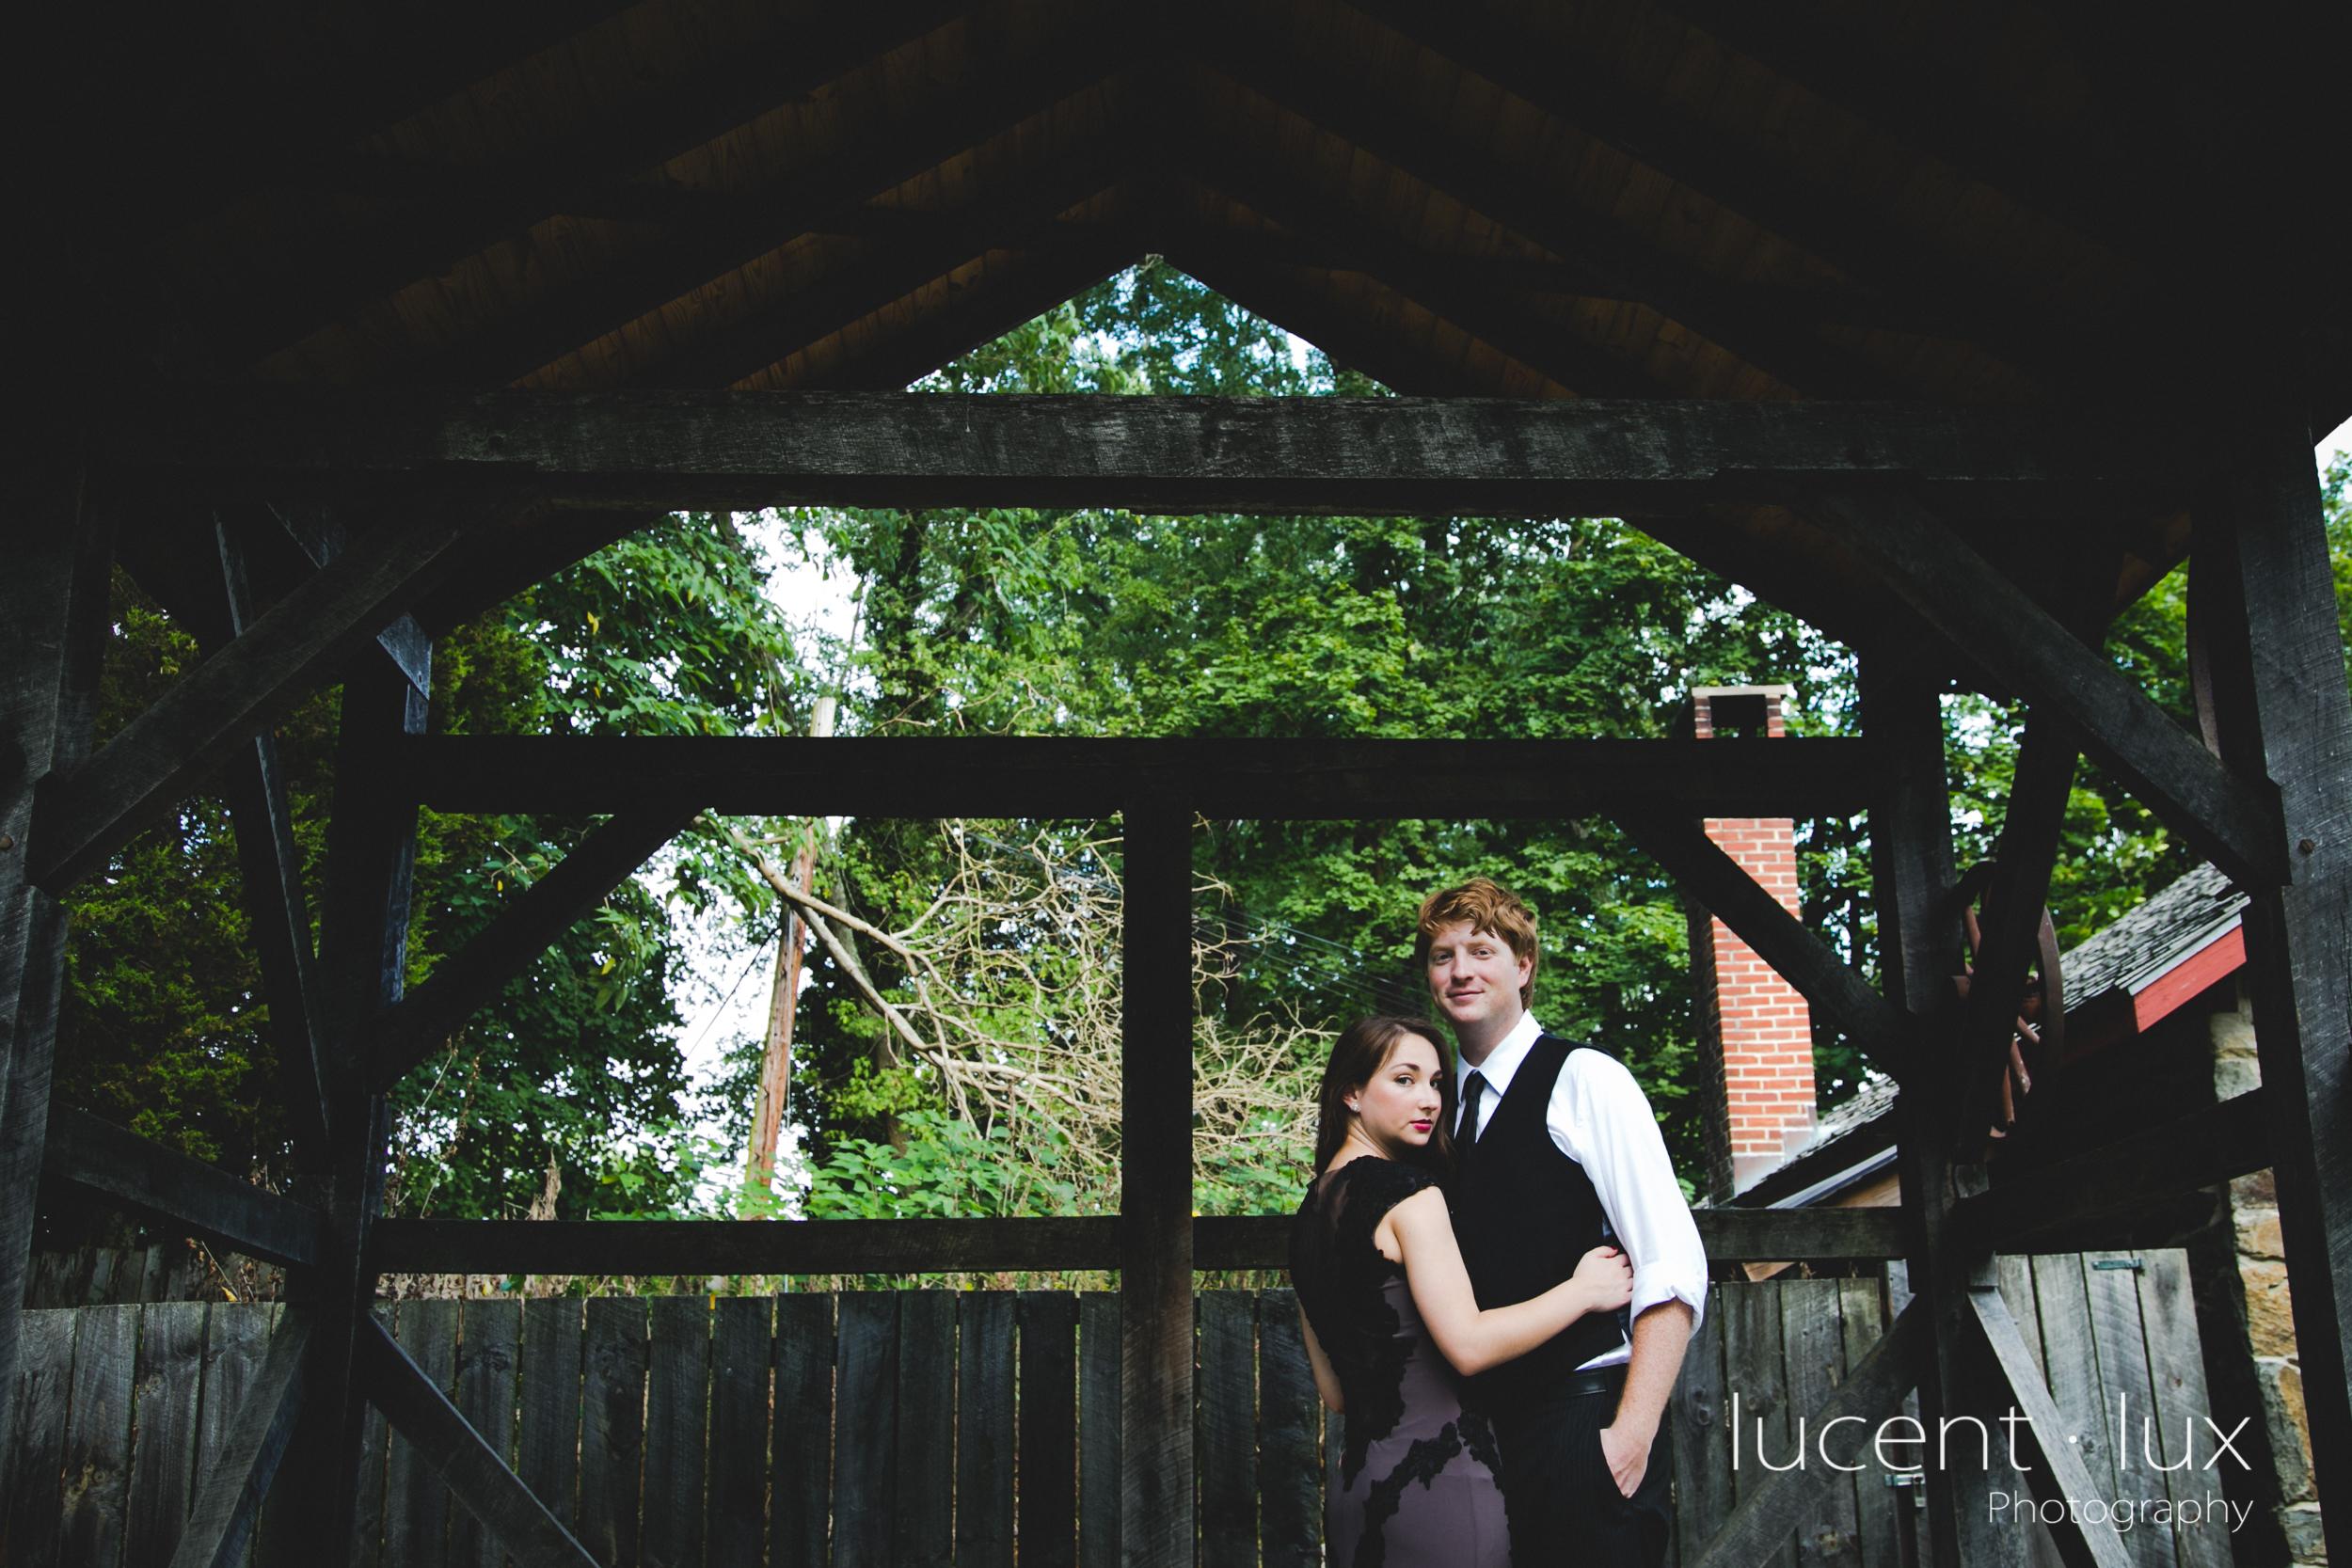 Baltimore-Maryland-Engagement-Photography-Wedding-Washington-DC-Photographer-Portrait-Engagement-229.jpg